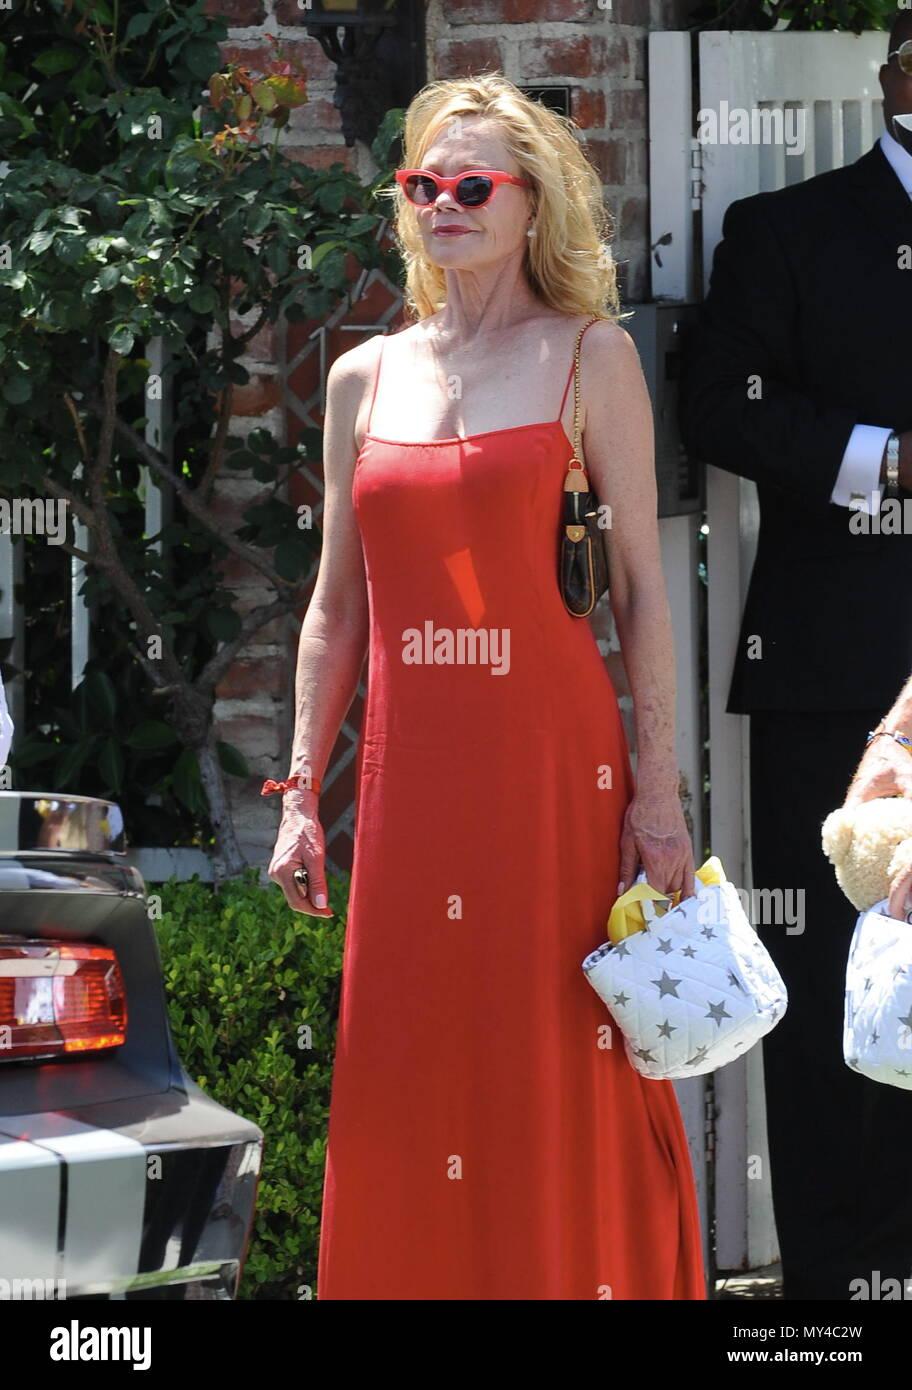 L actrice Melanie Griffith assiste à la douche de bébé Eva Longoria dans  une robe rouge transparente et une forme de coeur lunettes de soleil. 290d9709598d